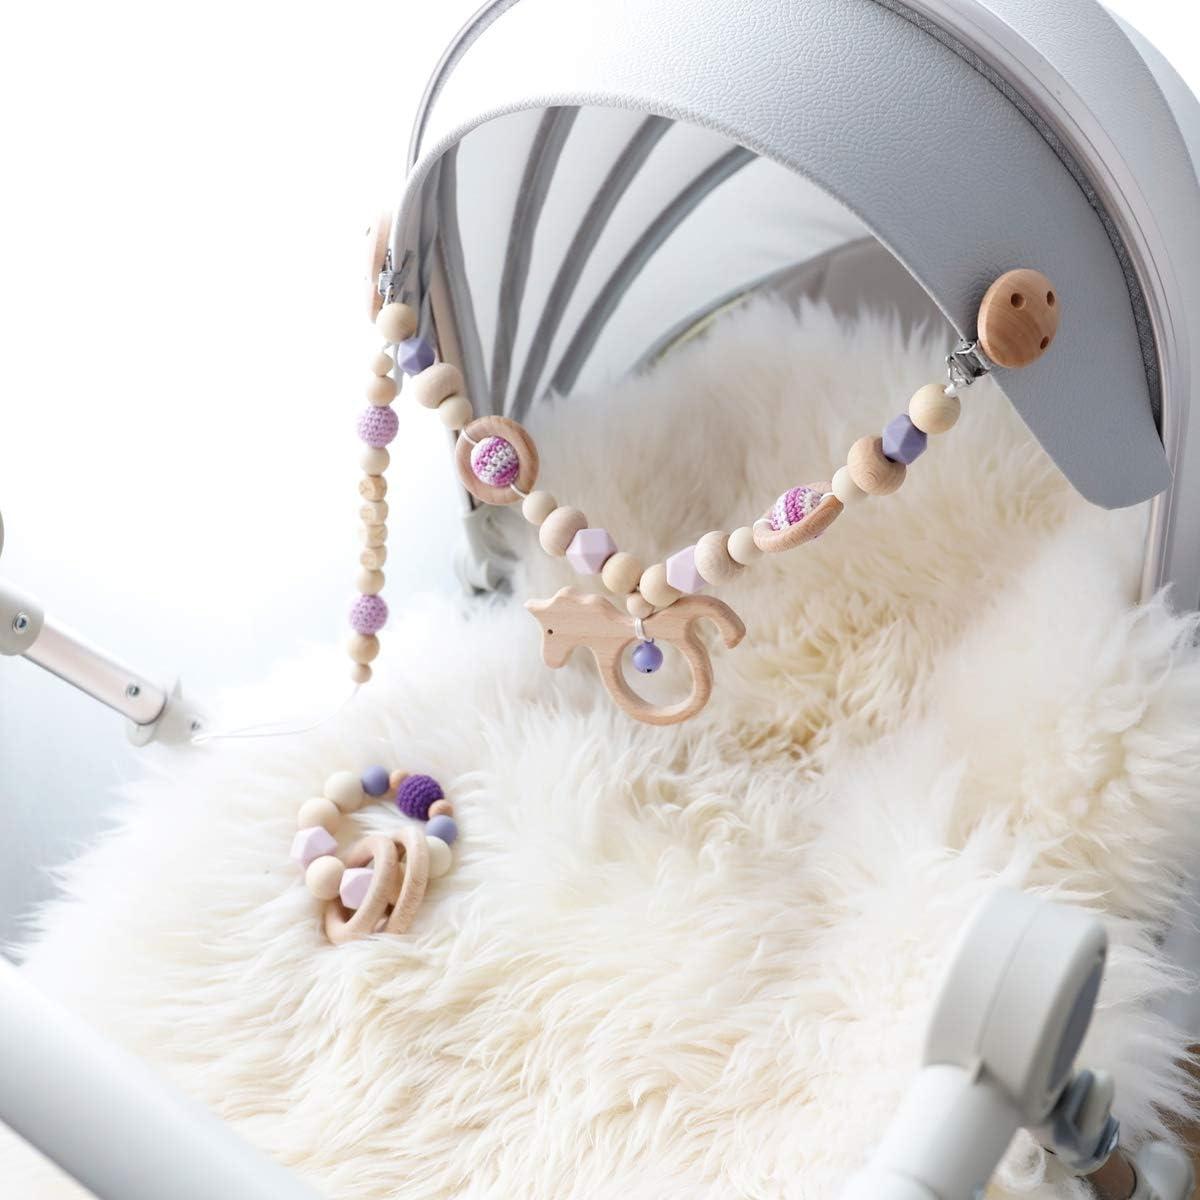 Mamimami Home 3PC movil cuna cochecito juguete con campana de timbre juguetes montessori sonajeros bebe mordedor bebes pinza chupete juguetes madera